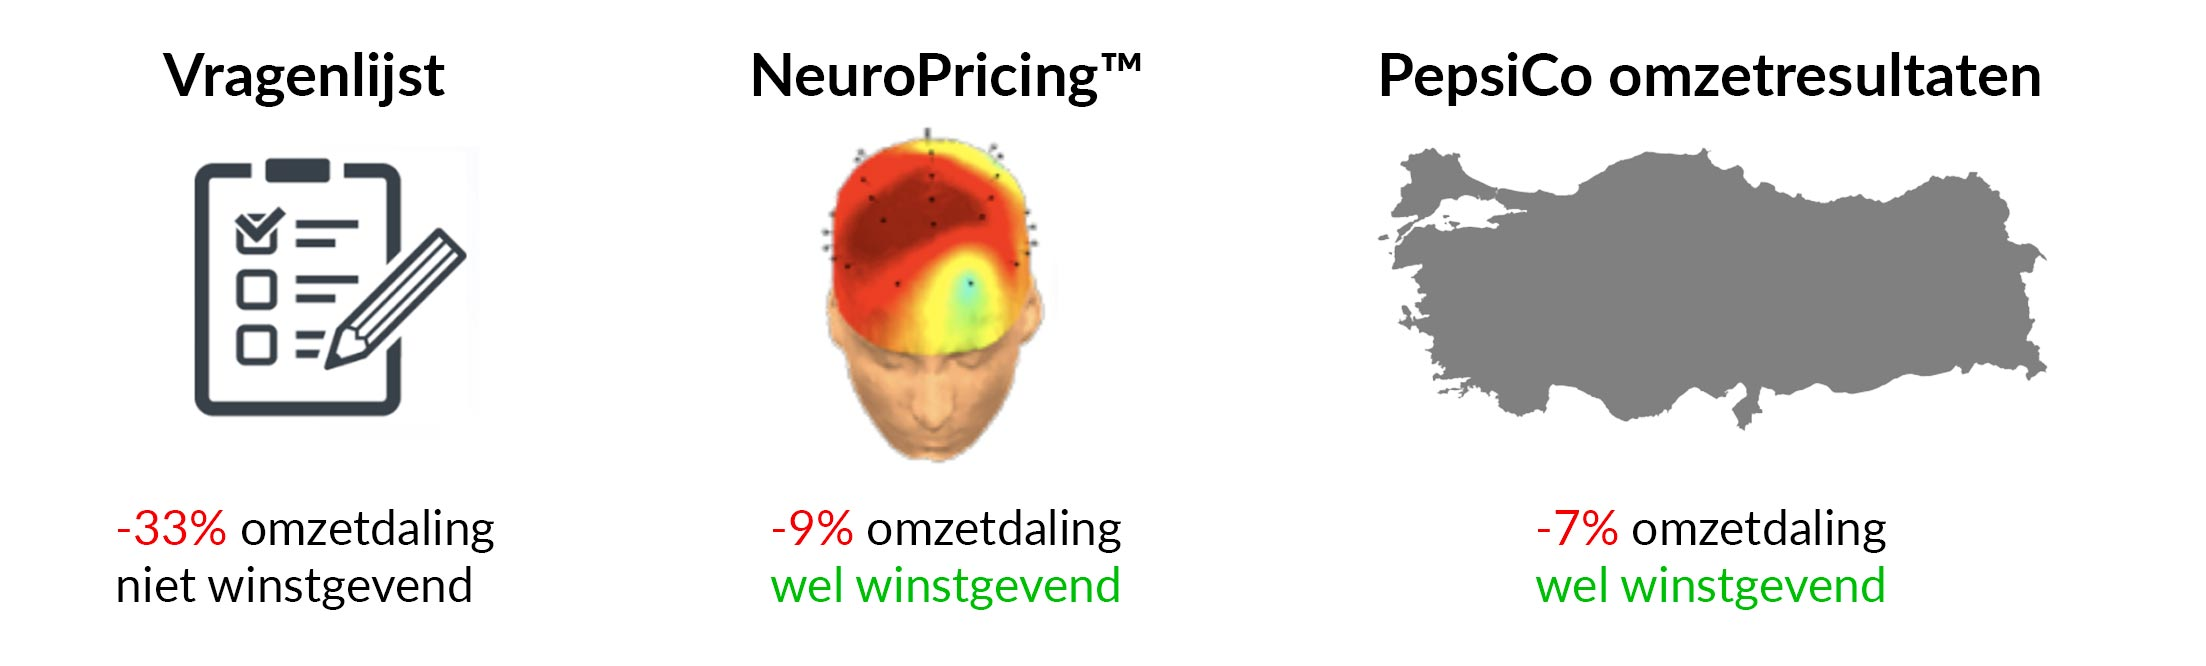 Lays NeuroPricing resultaten Neuromarketing